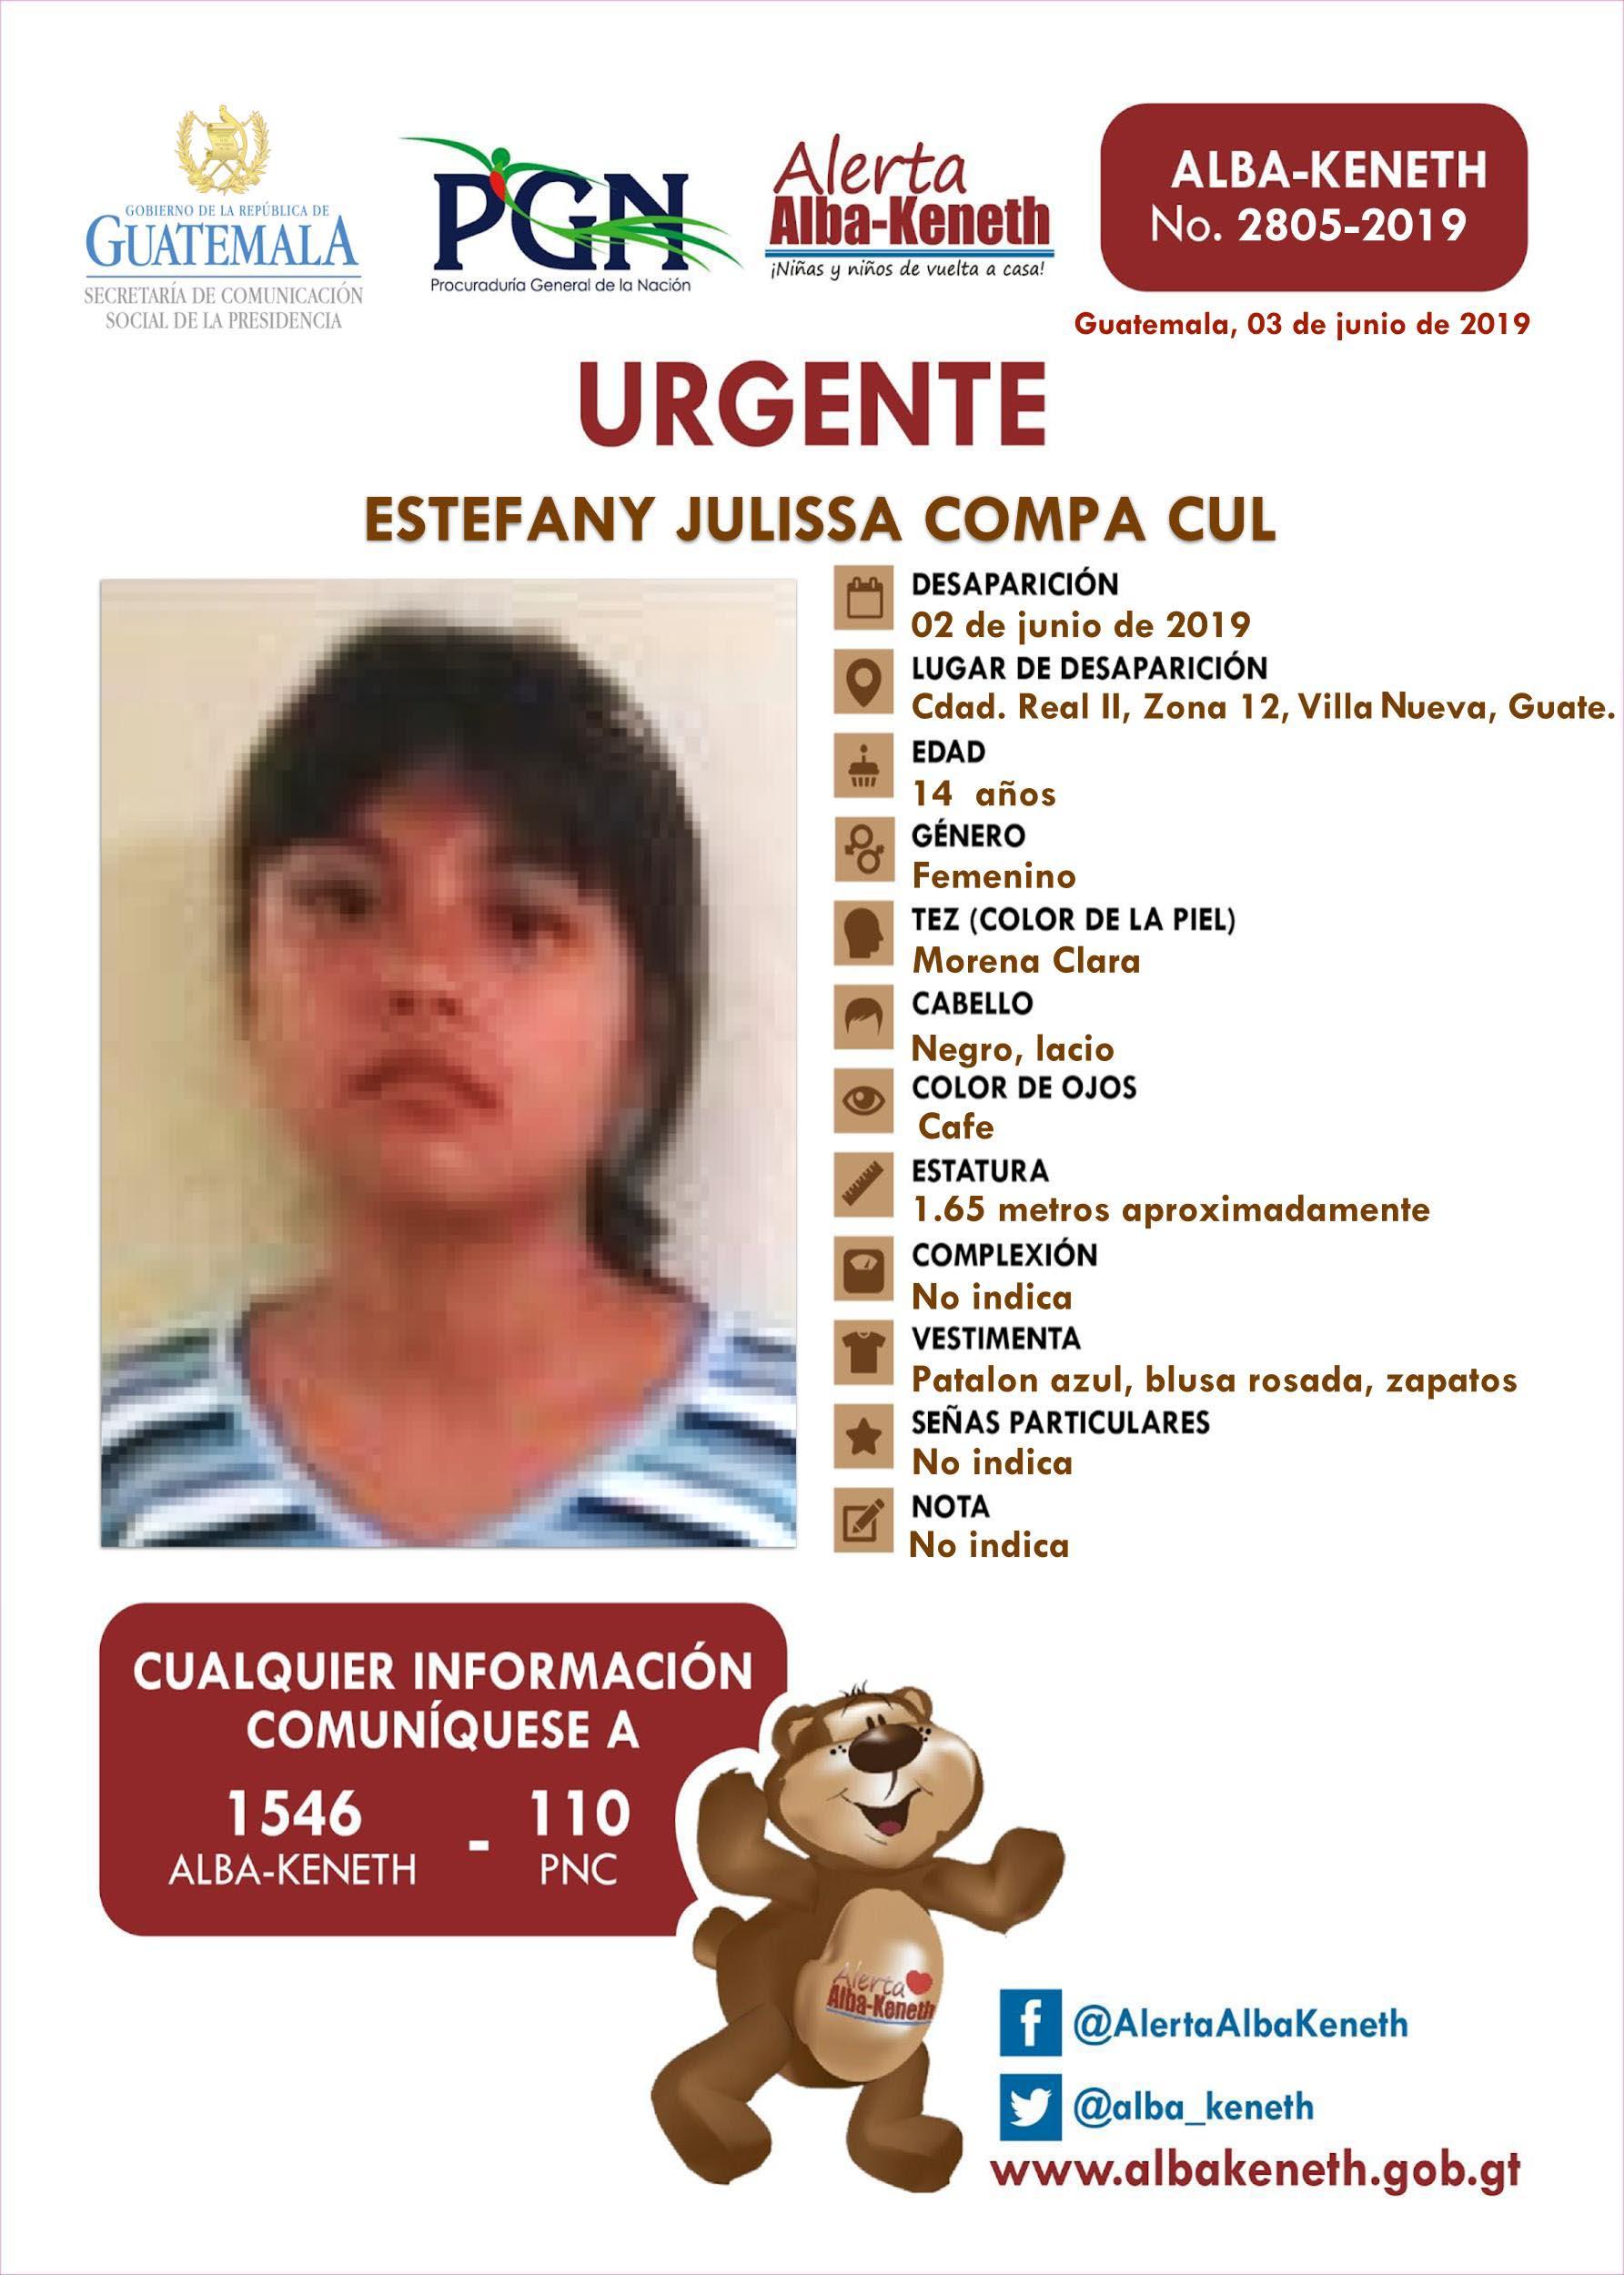 Estefany Julissa Compa Cul